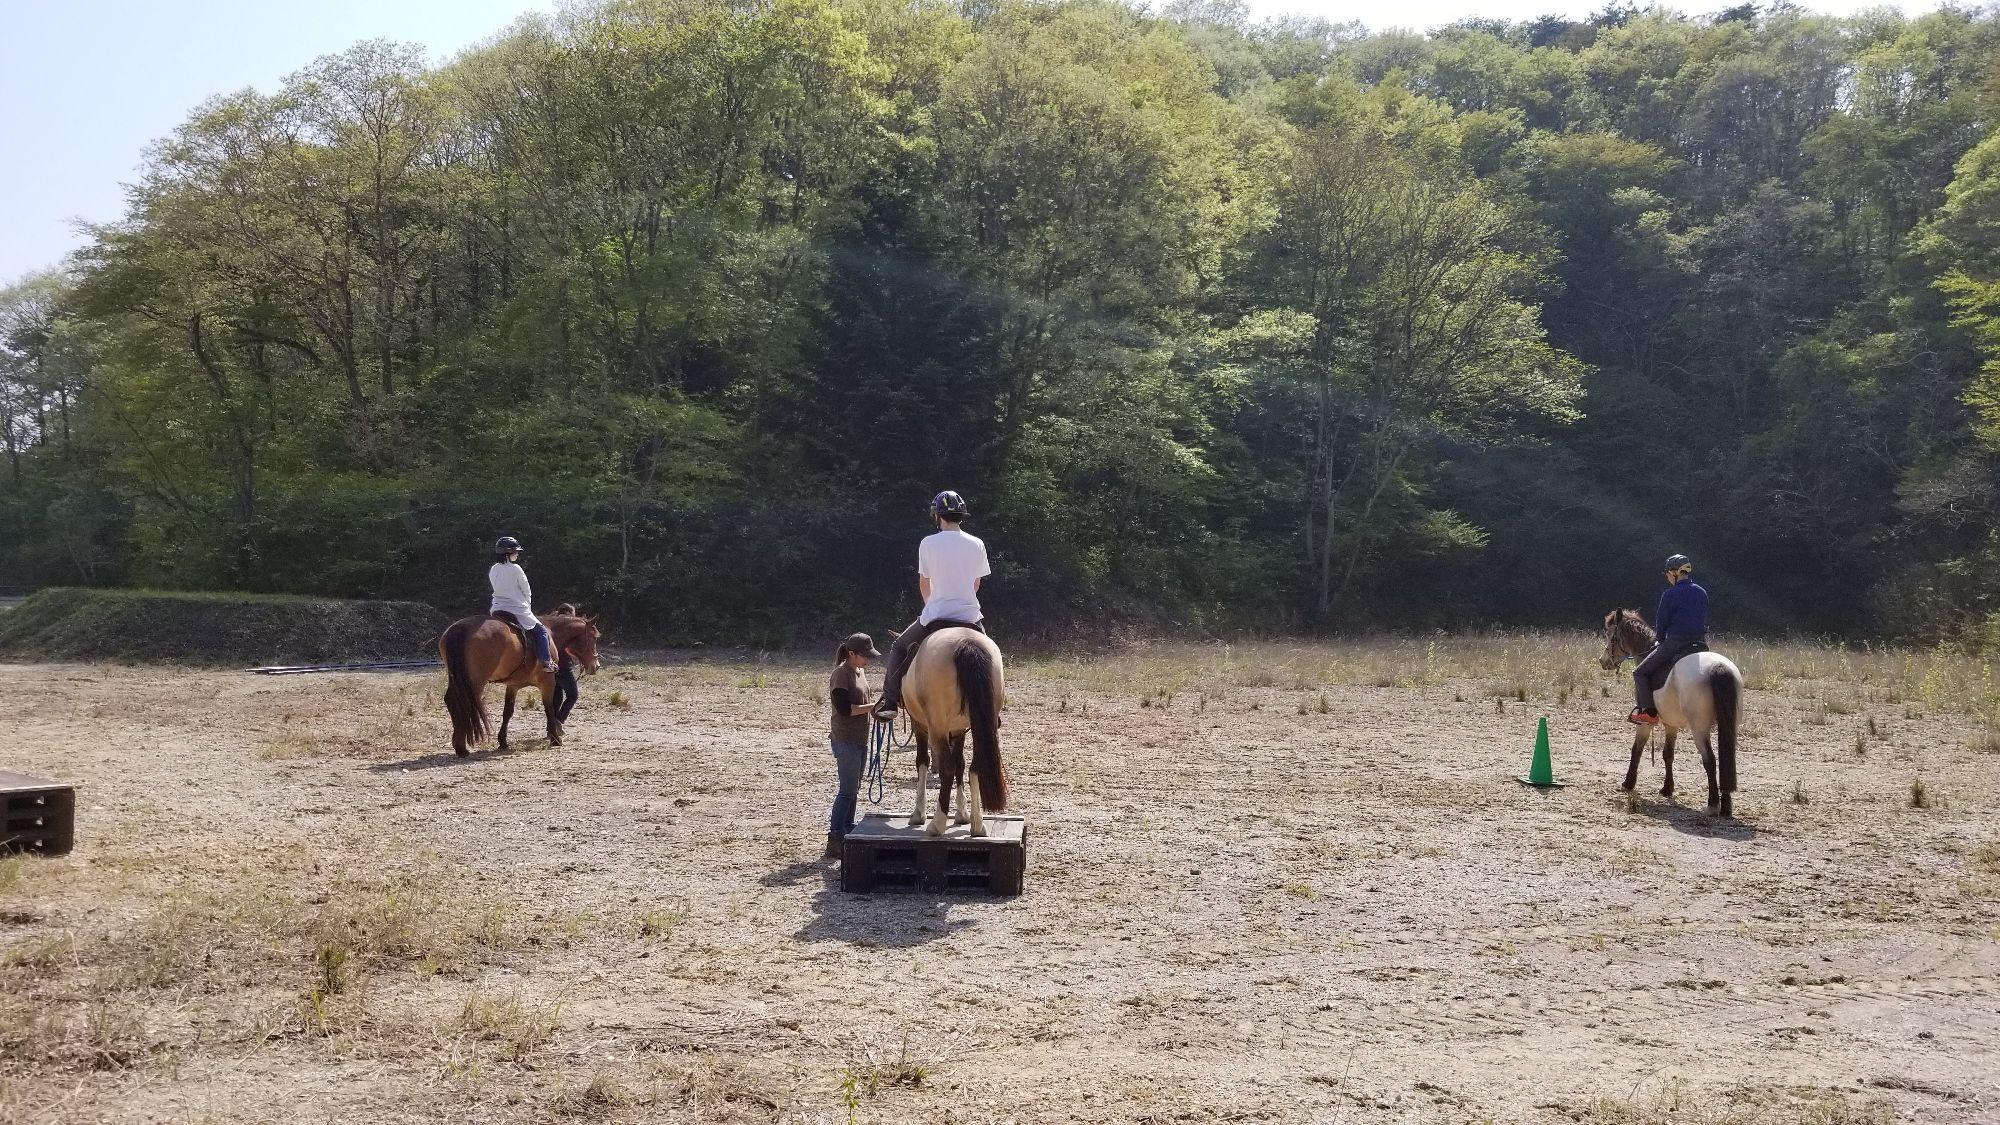 【東松島市】乗馬で牧場内を散策プロムナード【コース番号:70005】